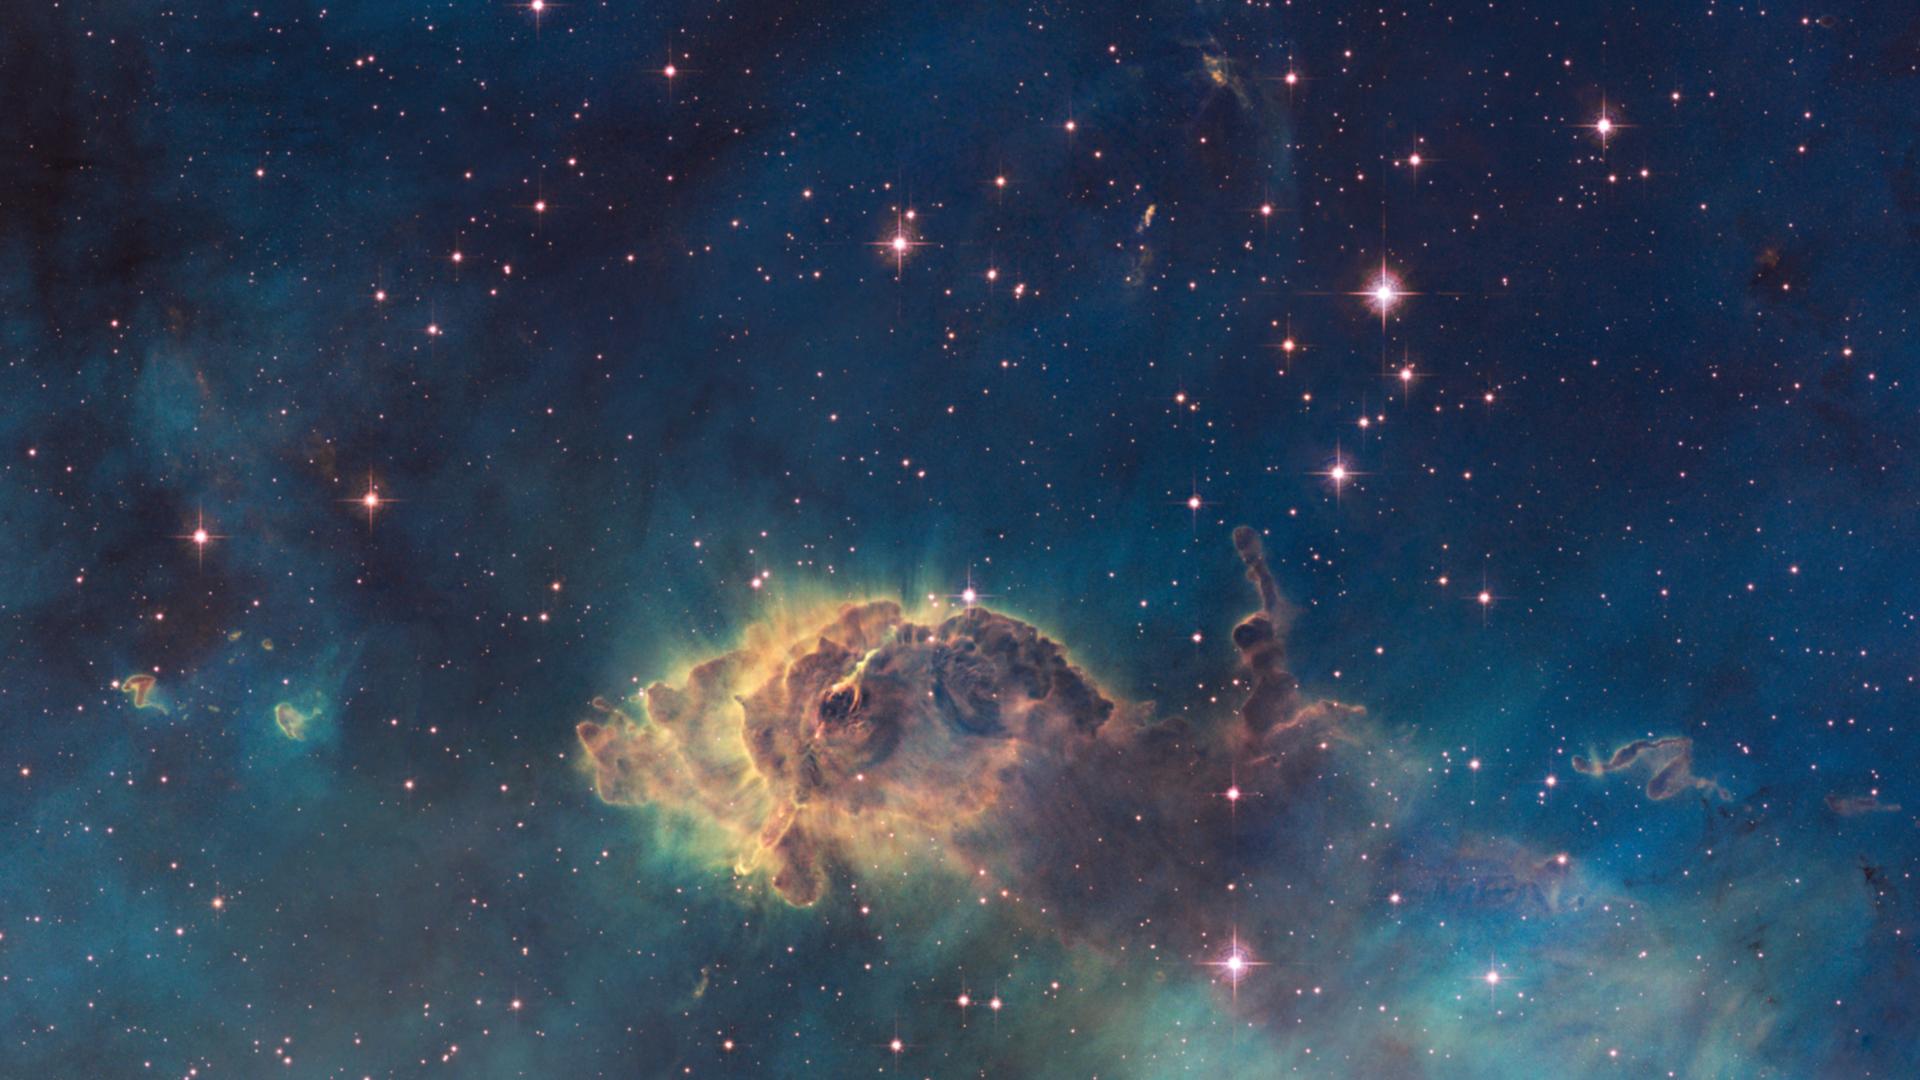 Orion Nebula Hd Wallpaper Ps3 Carina Nebula Jpg